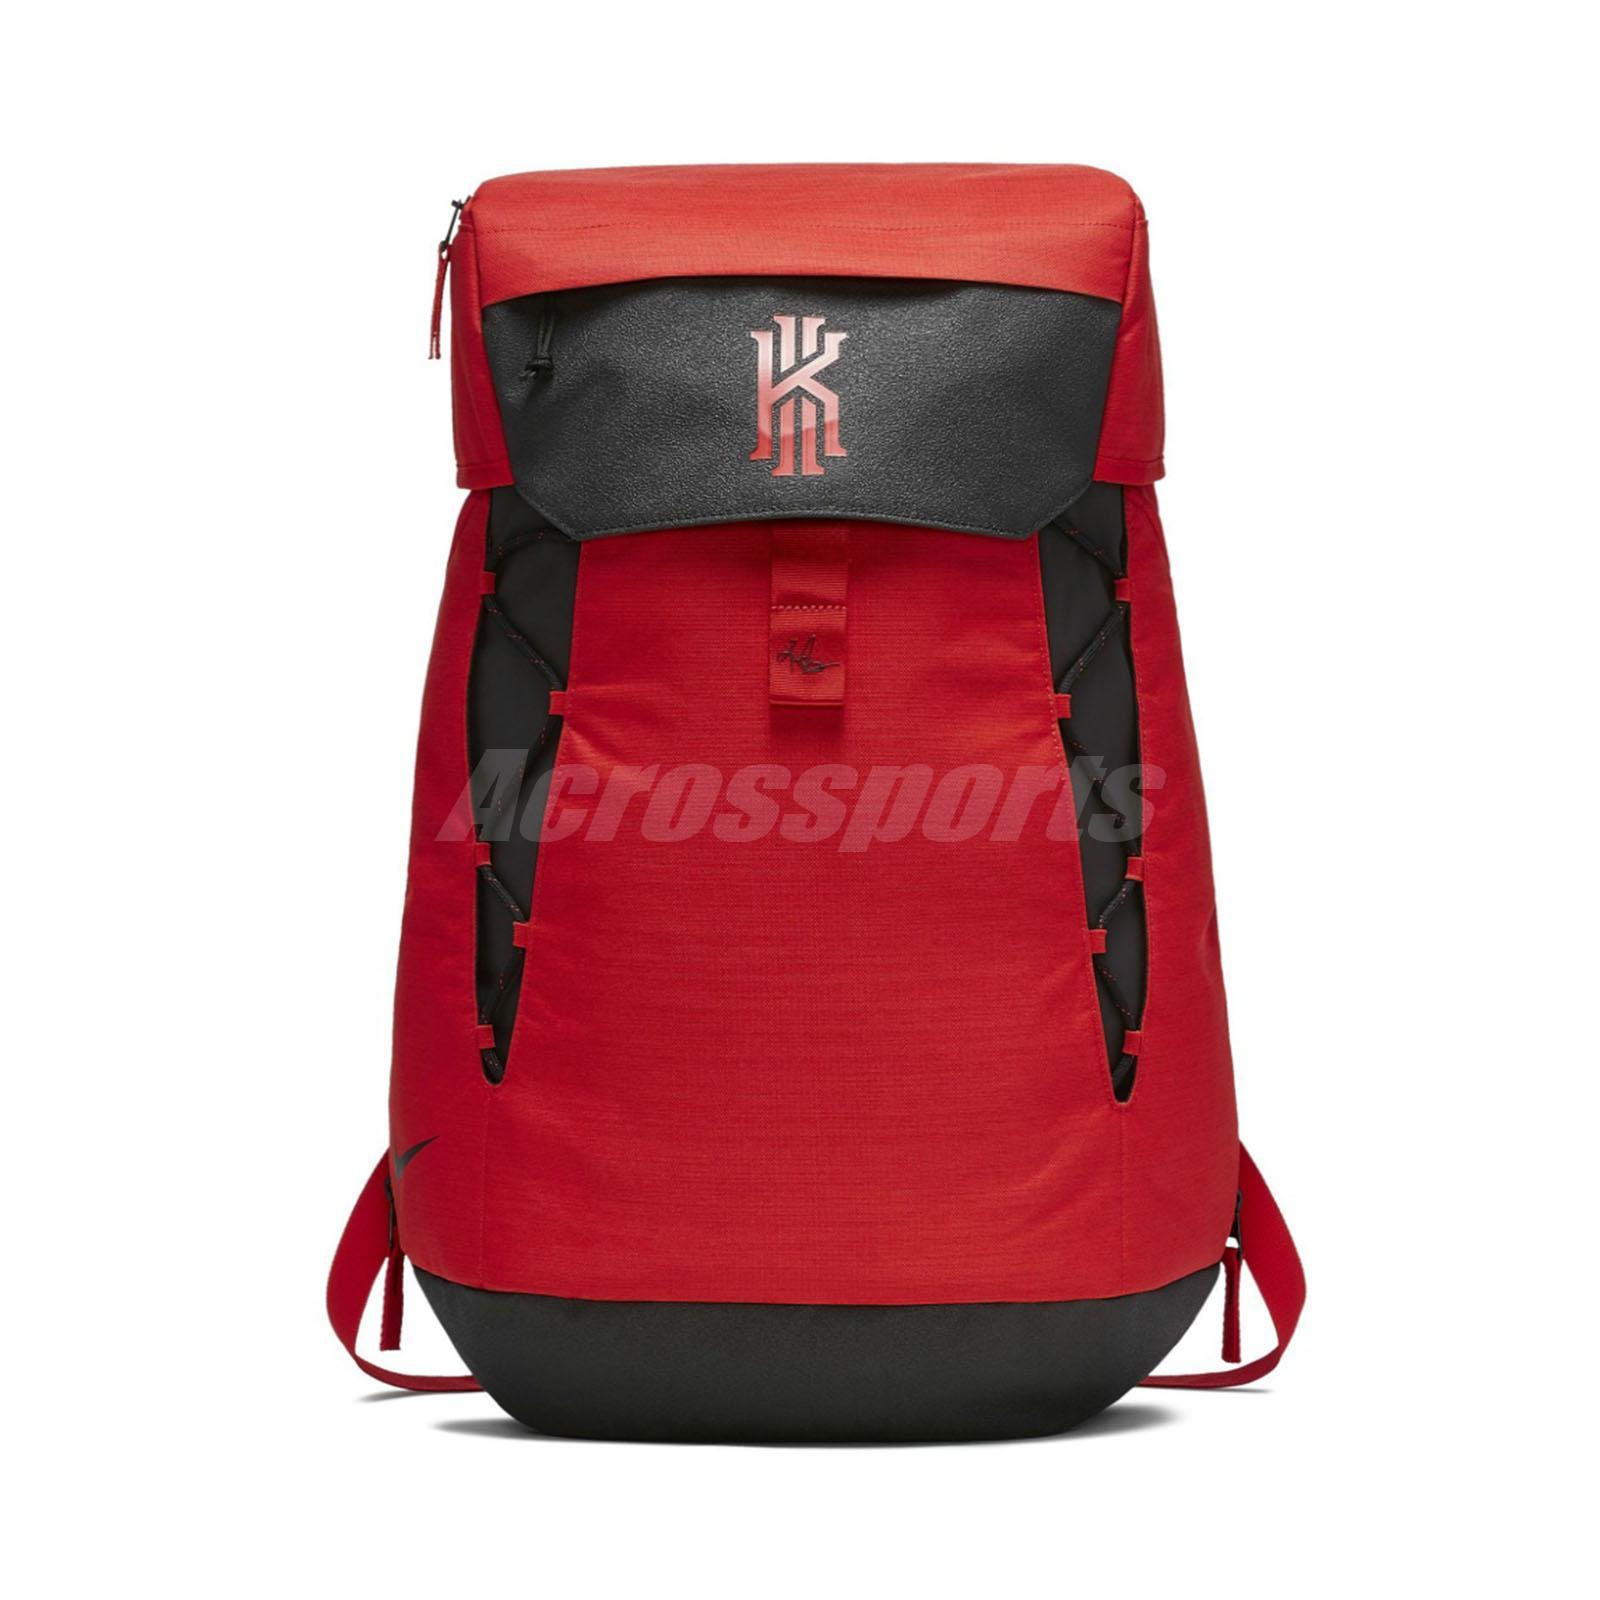 huge selection of ea2d0 14d60 Nike Kyrie Irving Elite Backpack Daypack Red Basketball Bag 37L BA5788-657